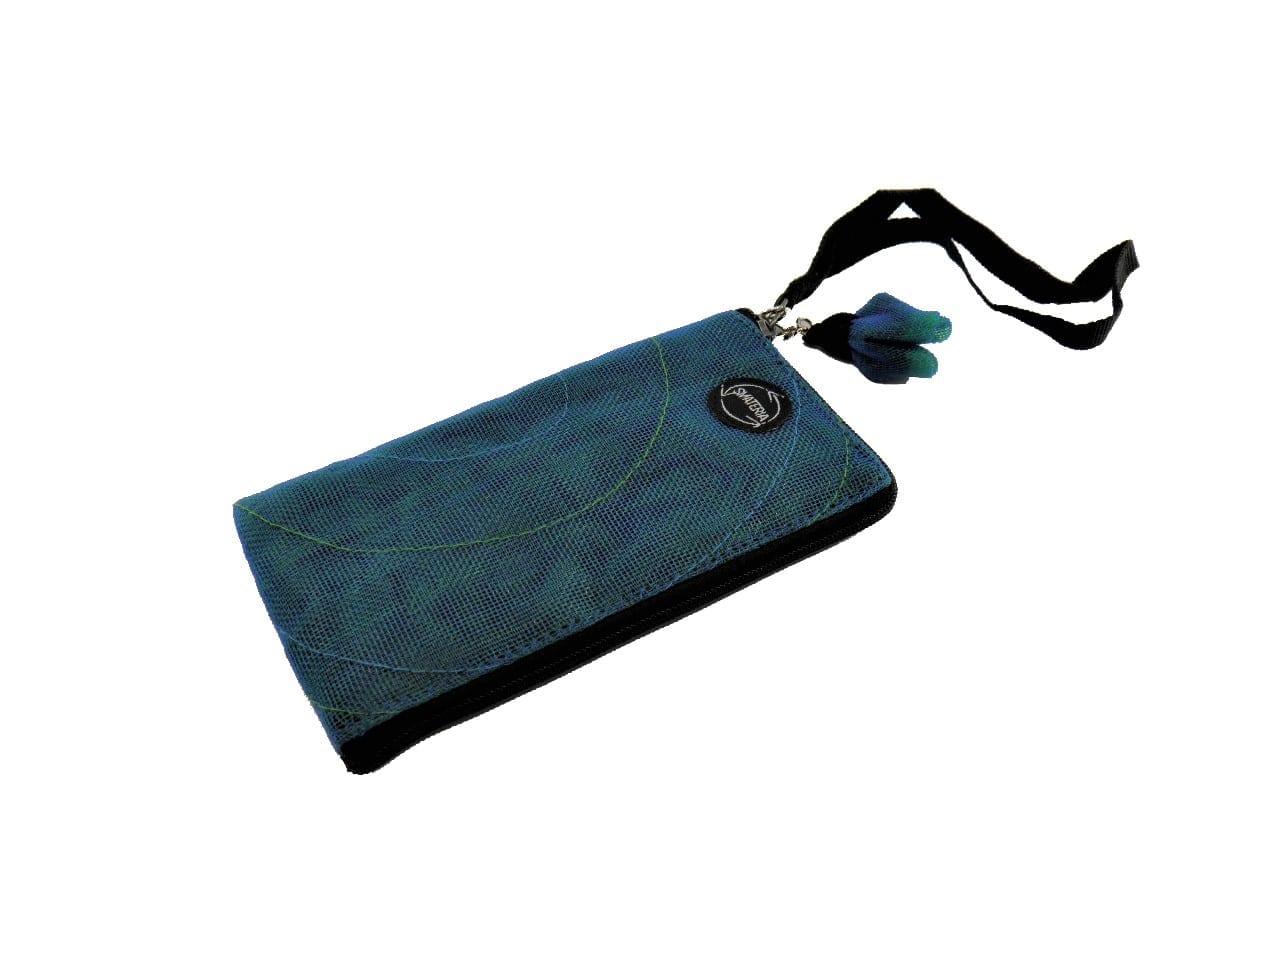 La Pochette Cellulaire Éthique - iPhone5 (P41LN) - Bleu pétrole